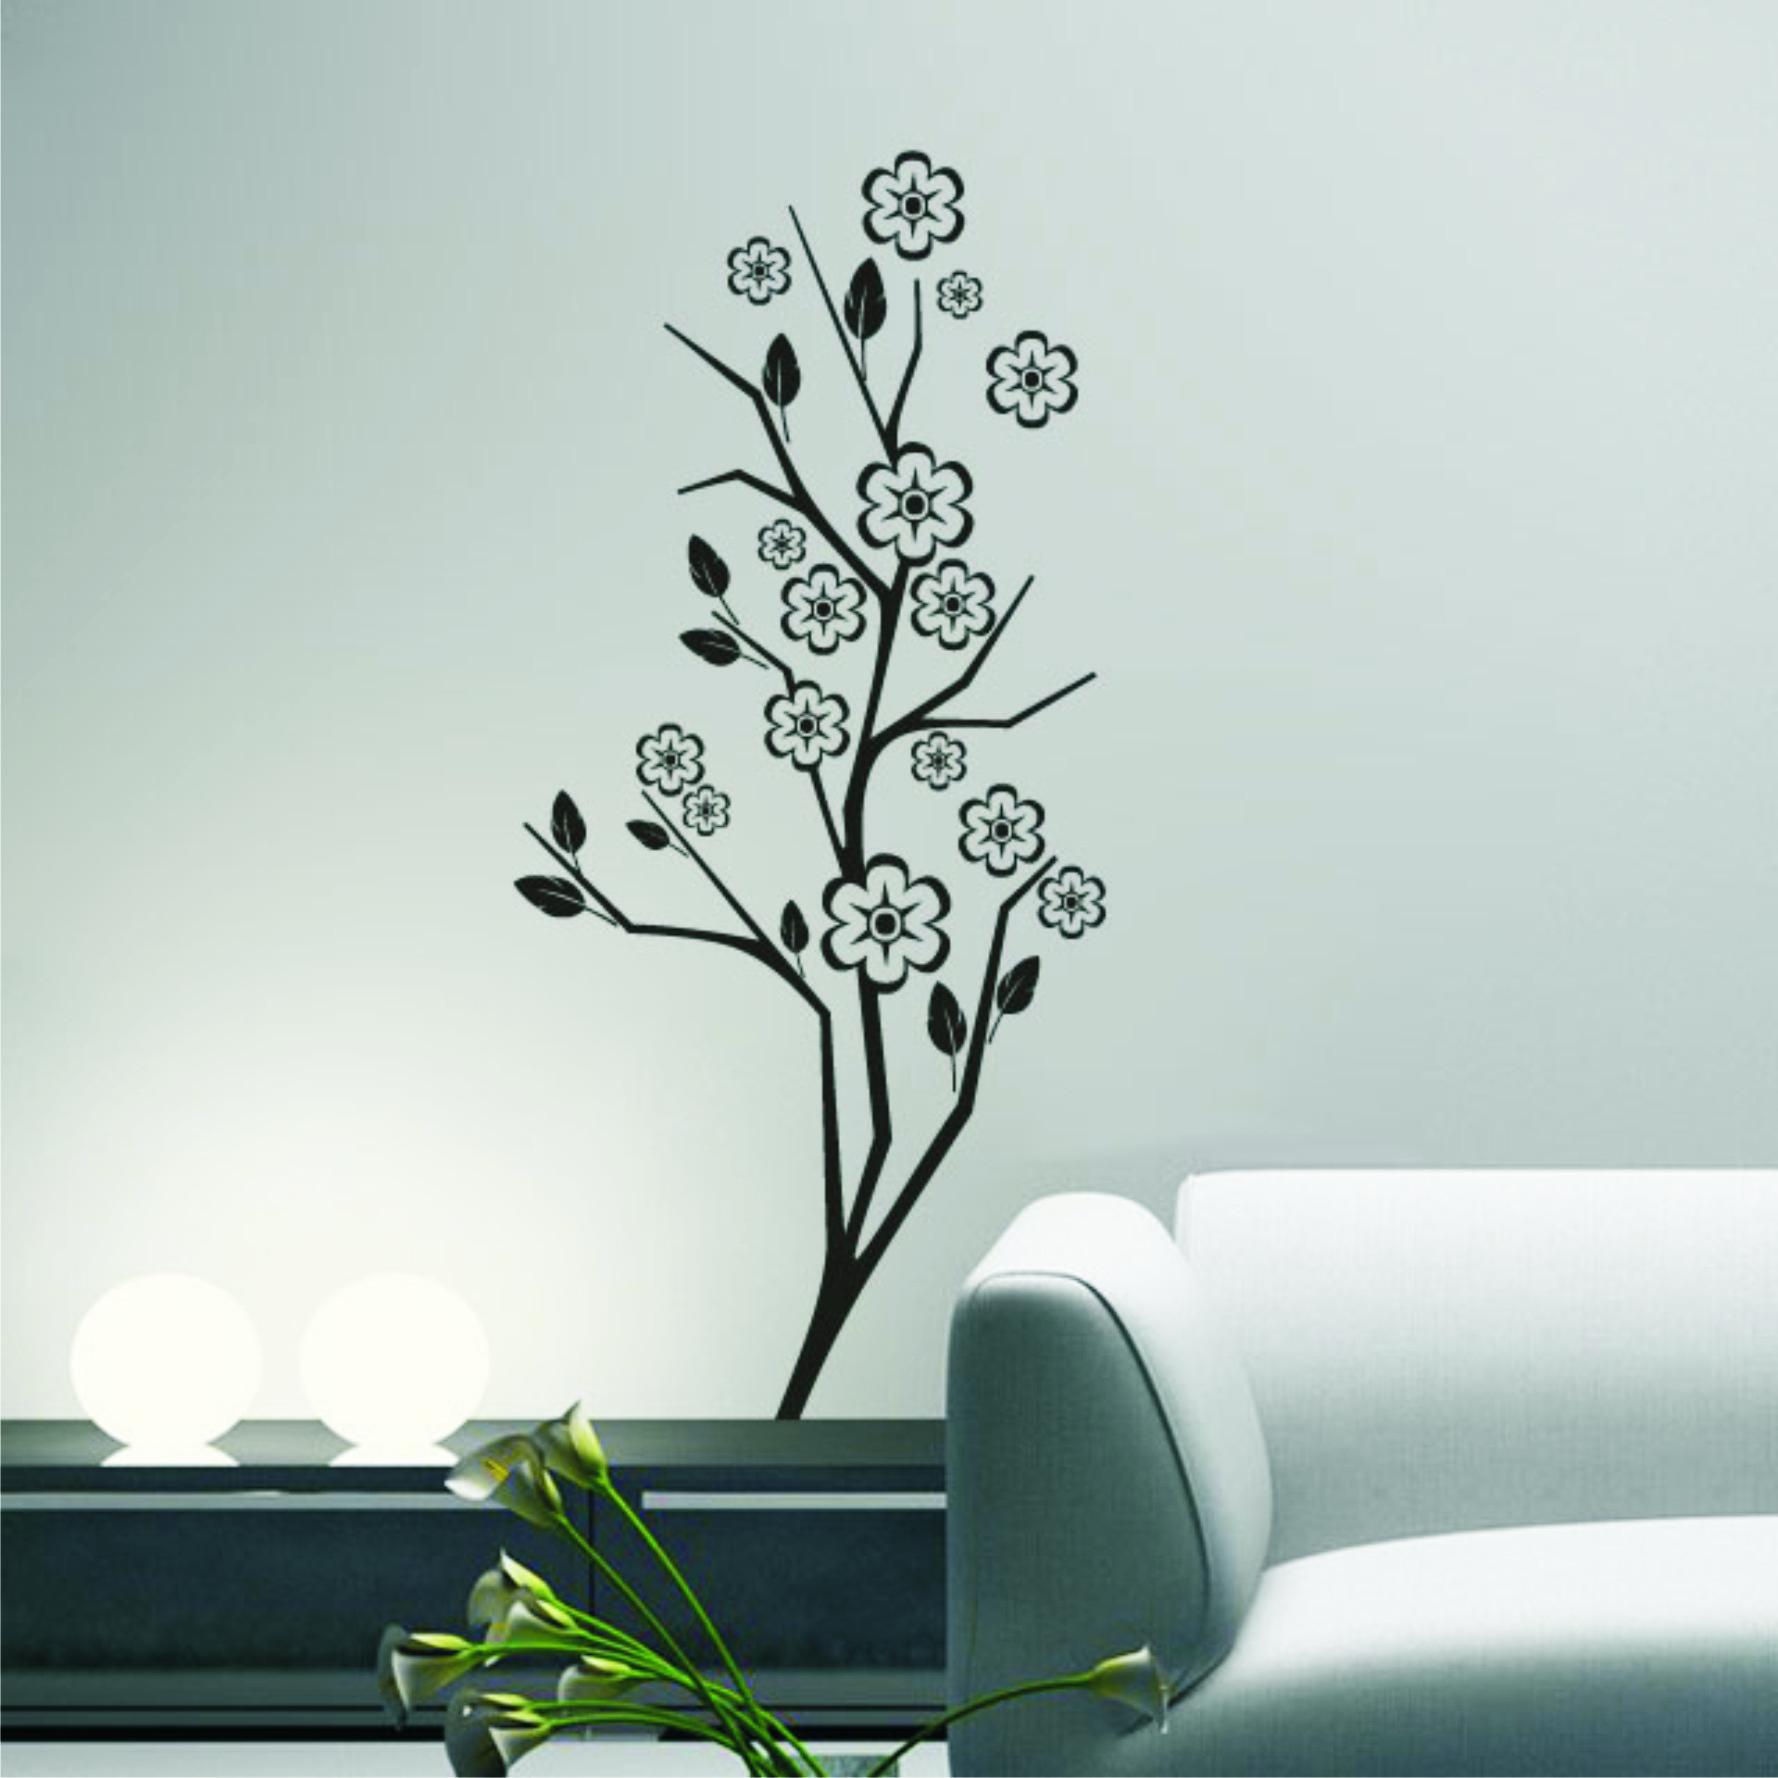 Armario Planejado Para Quarto Casal Pequeno ~ Adesivo Decoraç u00e3o Parede Galho e flores Adesivos de Parede Frete GRÁTIS